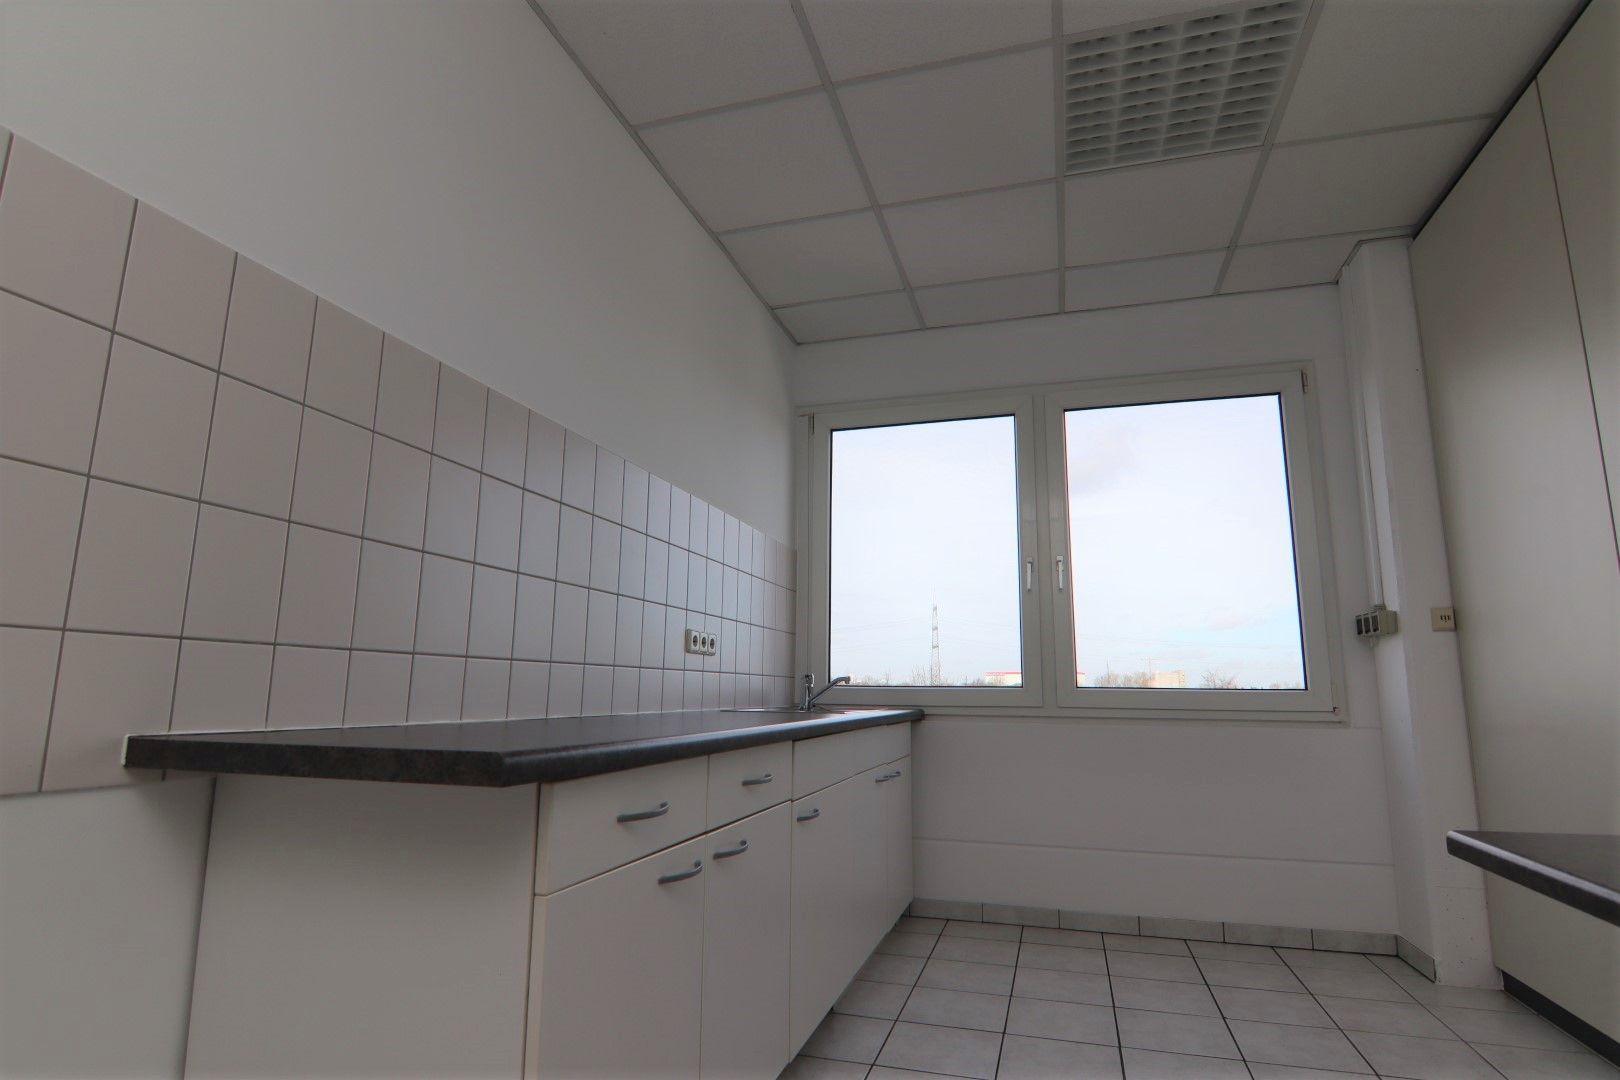 Immobilie Nr.0295 - Bürofläche mit WC-Anlage, Küche u. Aufzug - Bild 8.jpg